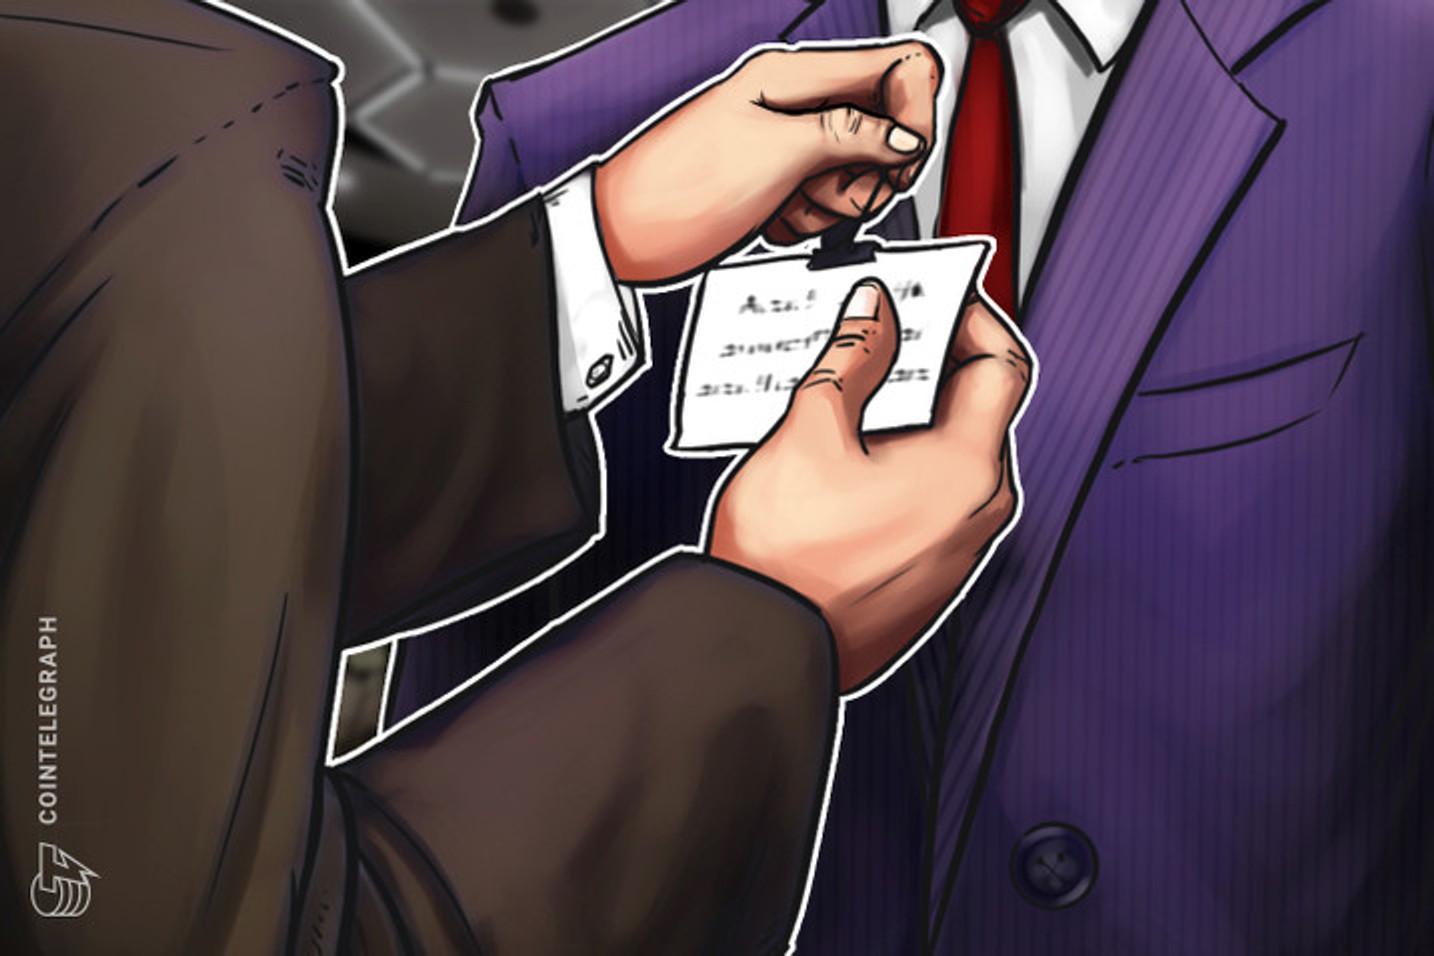 Chef der Schweizer Finanzmarktaufsicht Finma wechselt an die BaFin-Spitze